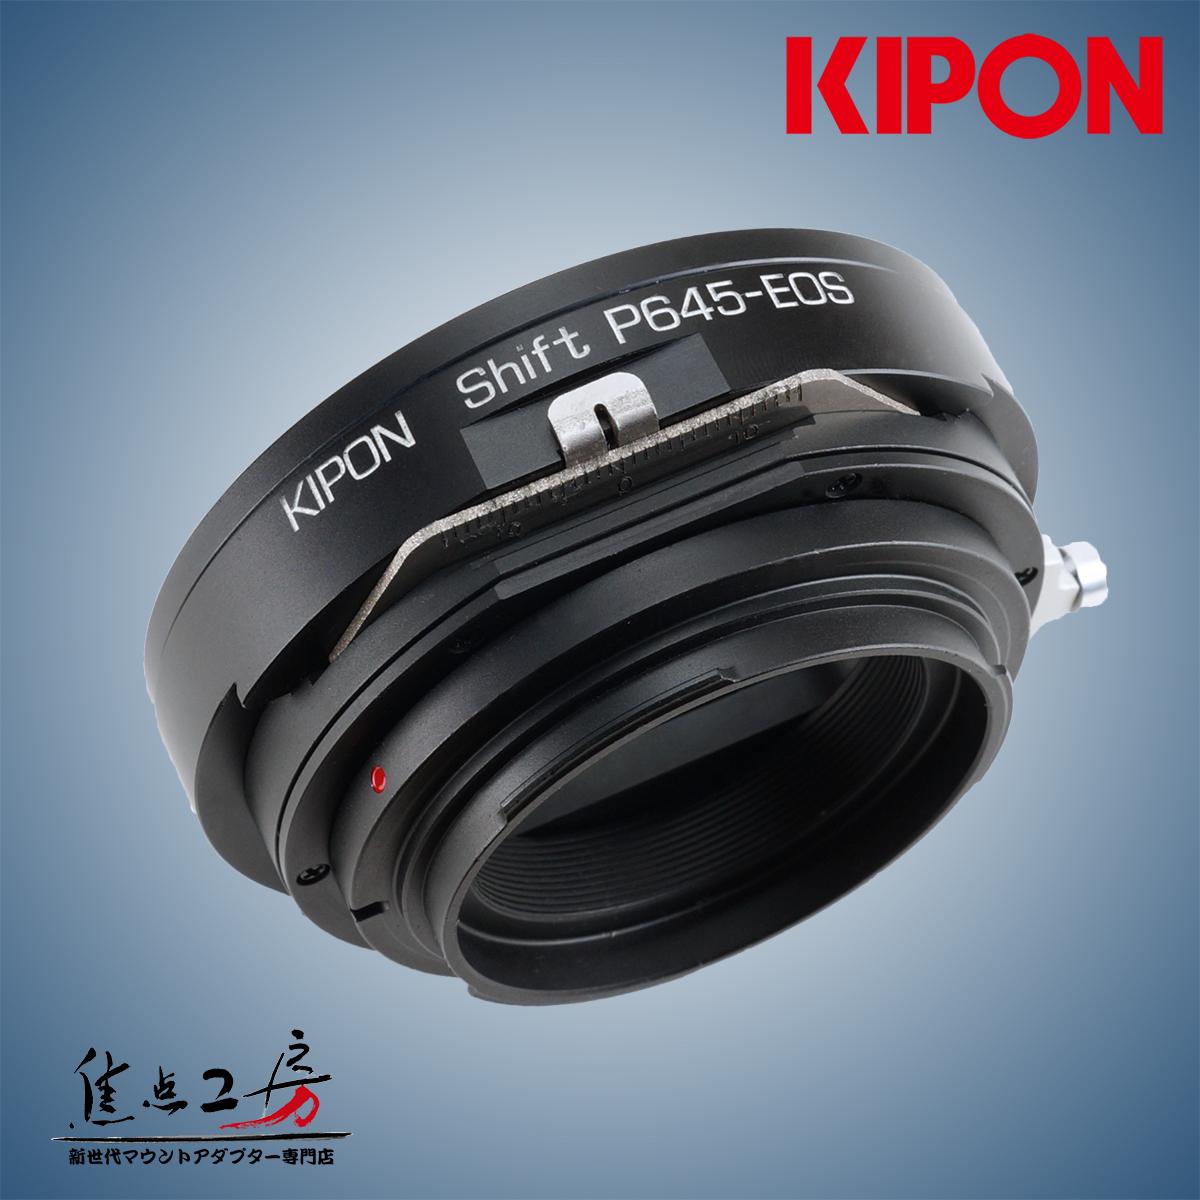 マウントアダプター KIPON SHIFT P645-EOS ペンタックス645マウントレンズ - キヤノンEOSマウントカメラ アオリ(シフト)機構搭載